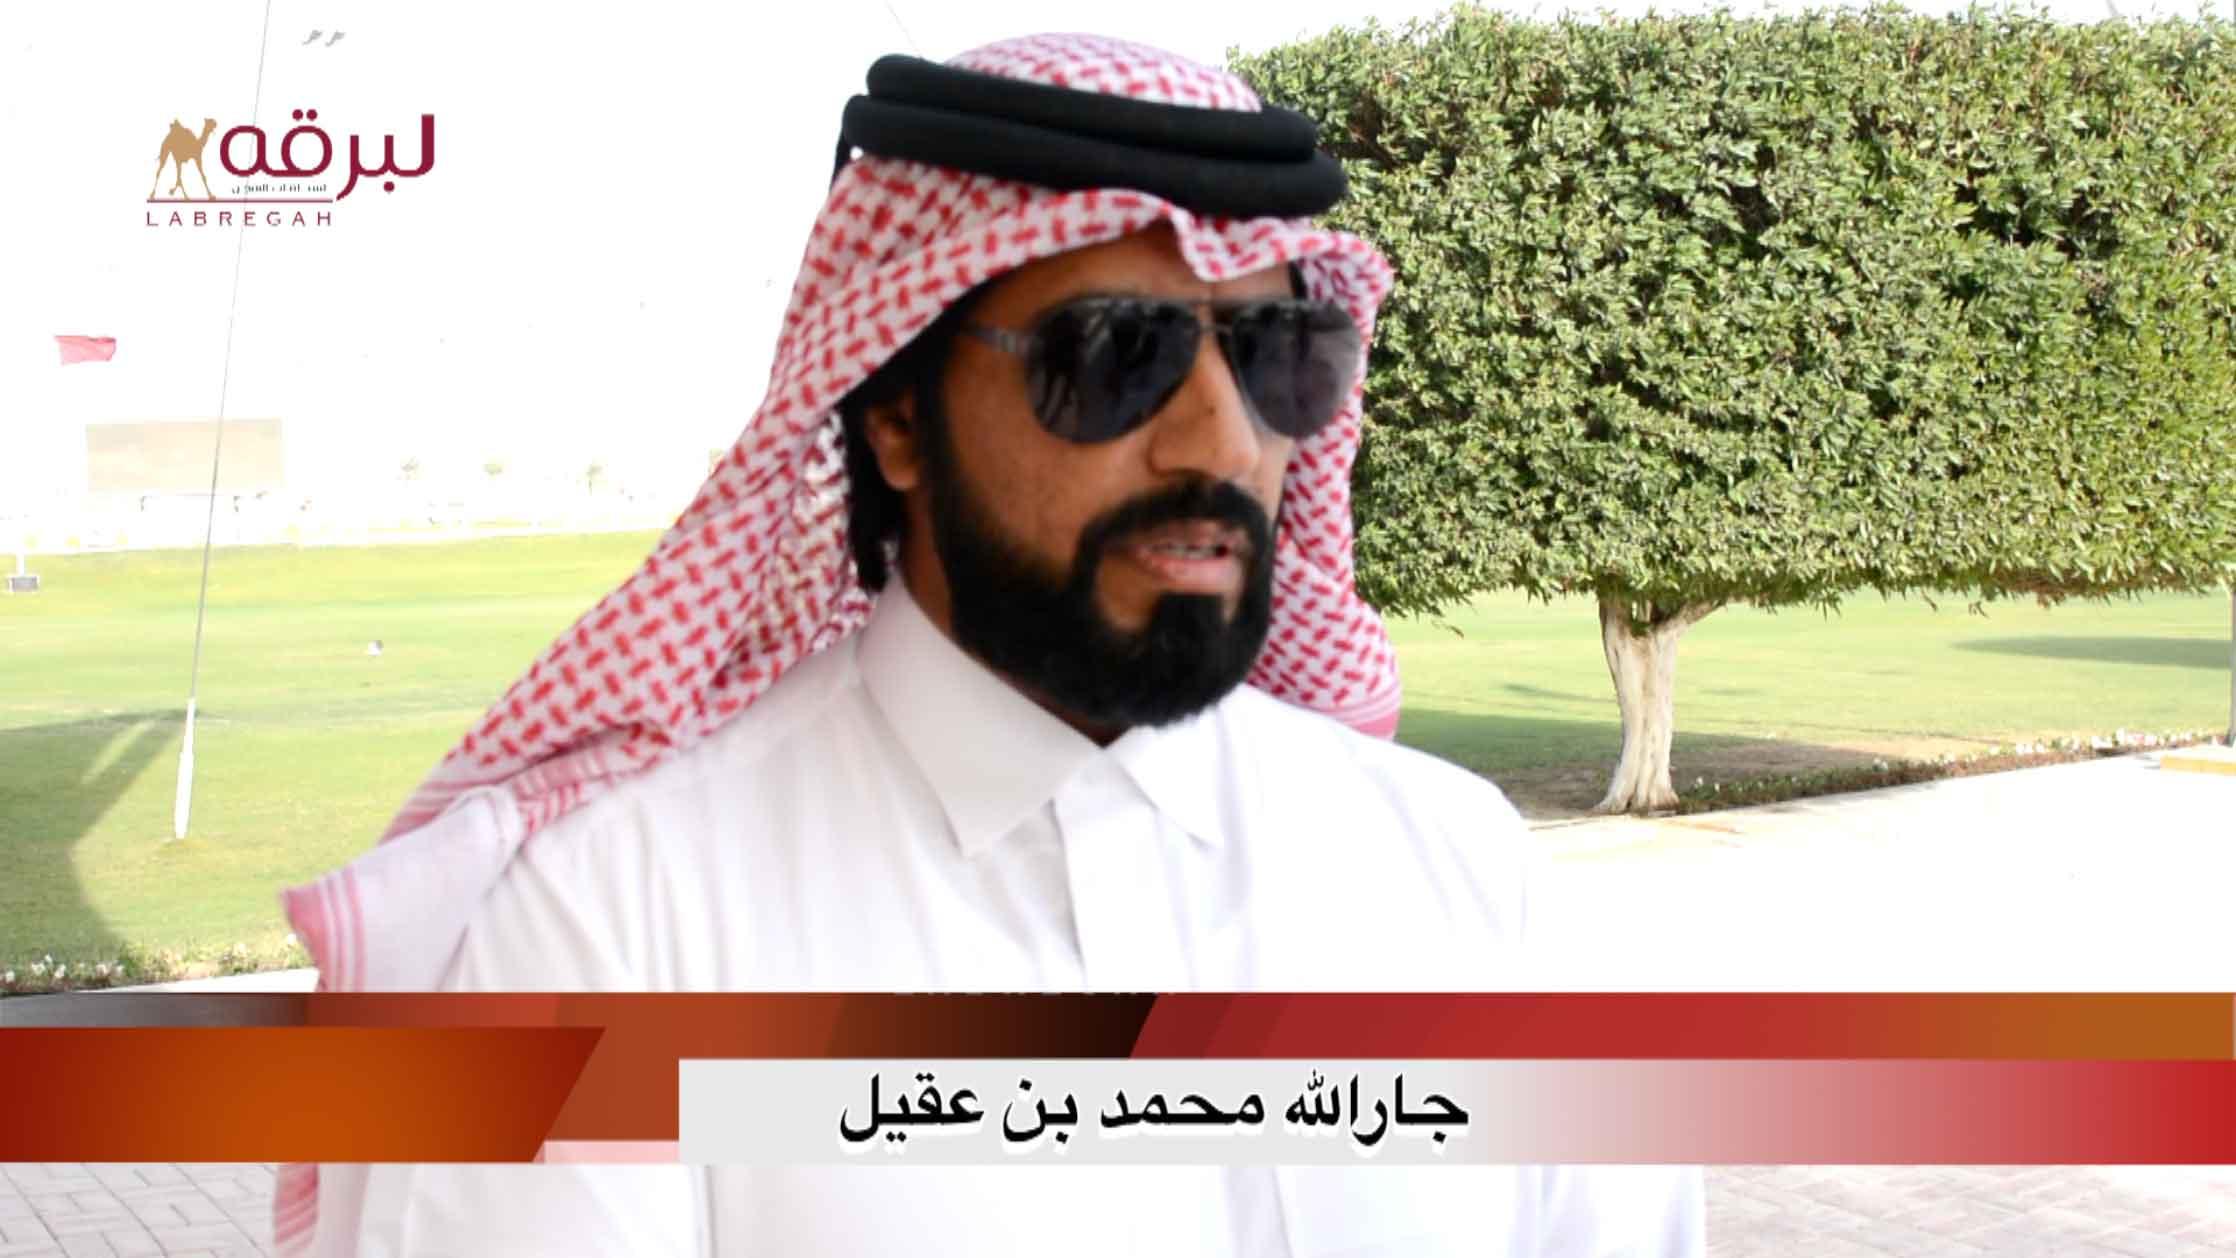 لقاء مع جارالله محمد بن عقيل.. الخنجر الذهبي جذاع قعدان « عمانيات » الأشواط المفتوحة  ٢١-١-٢٠٢١